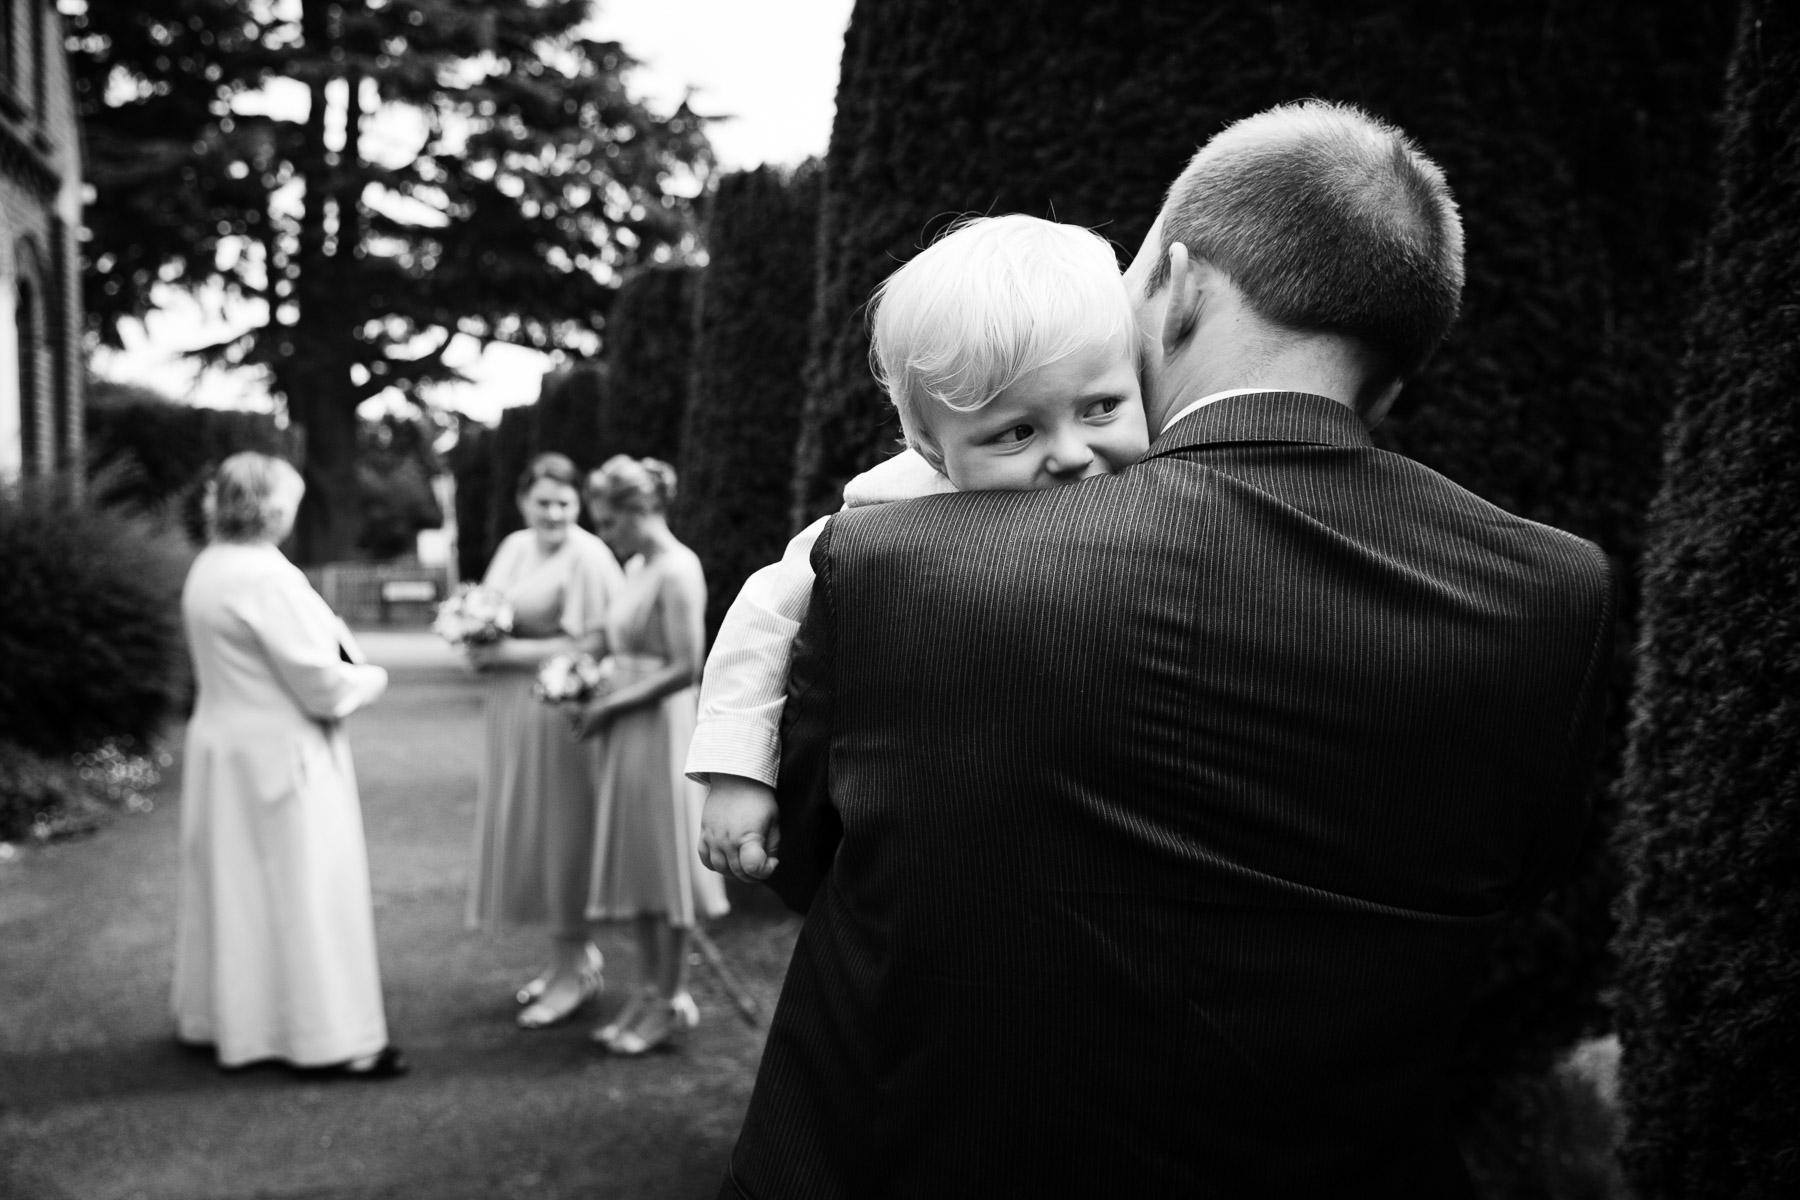 wedding portfolio 25-09-17  053.jpg